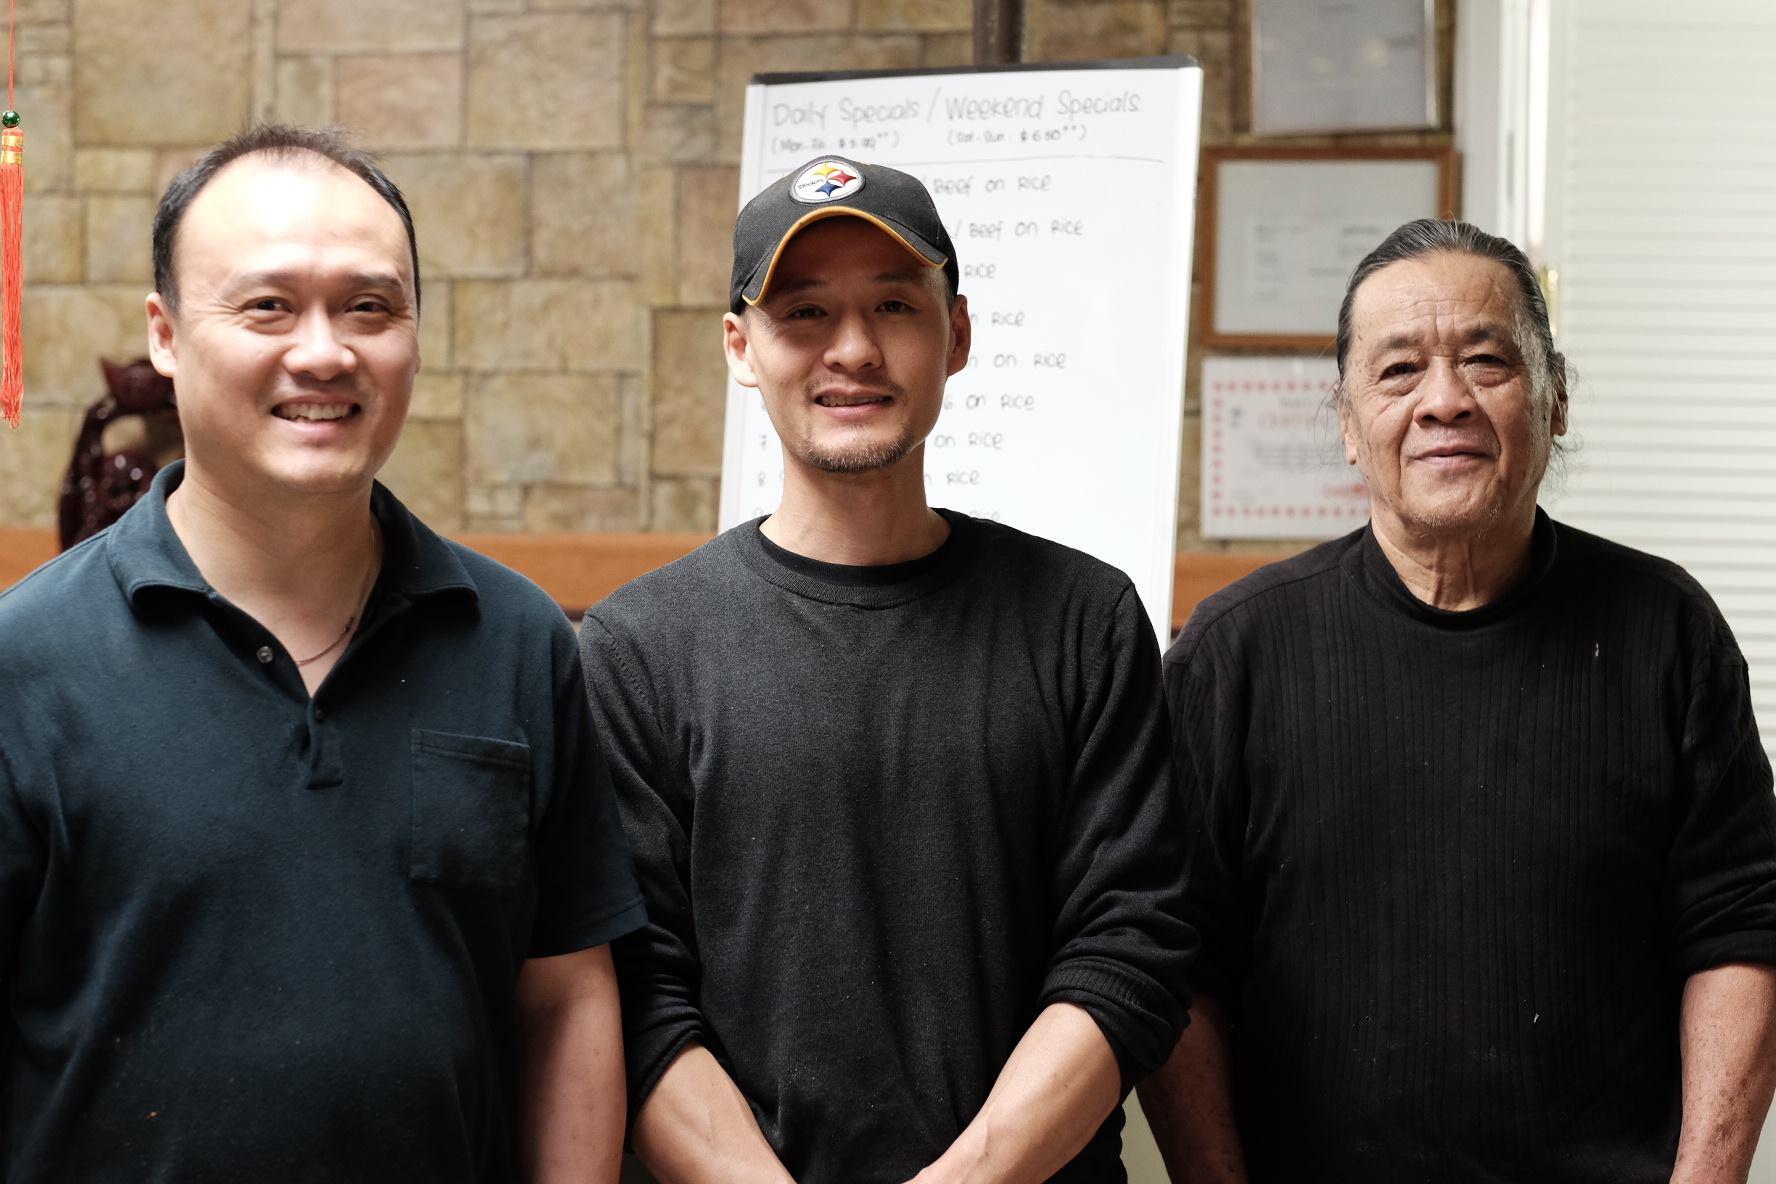 Dave, Edward and Sam (Father)